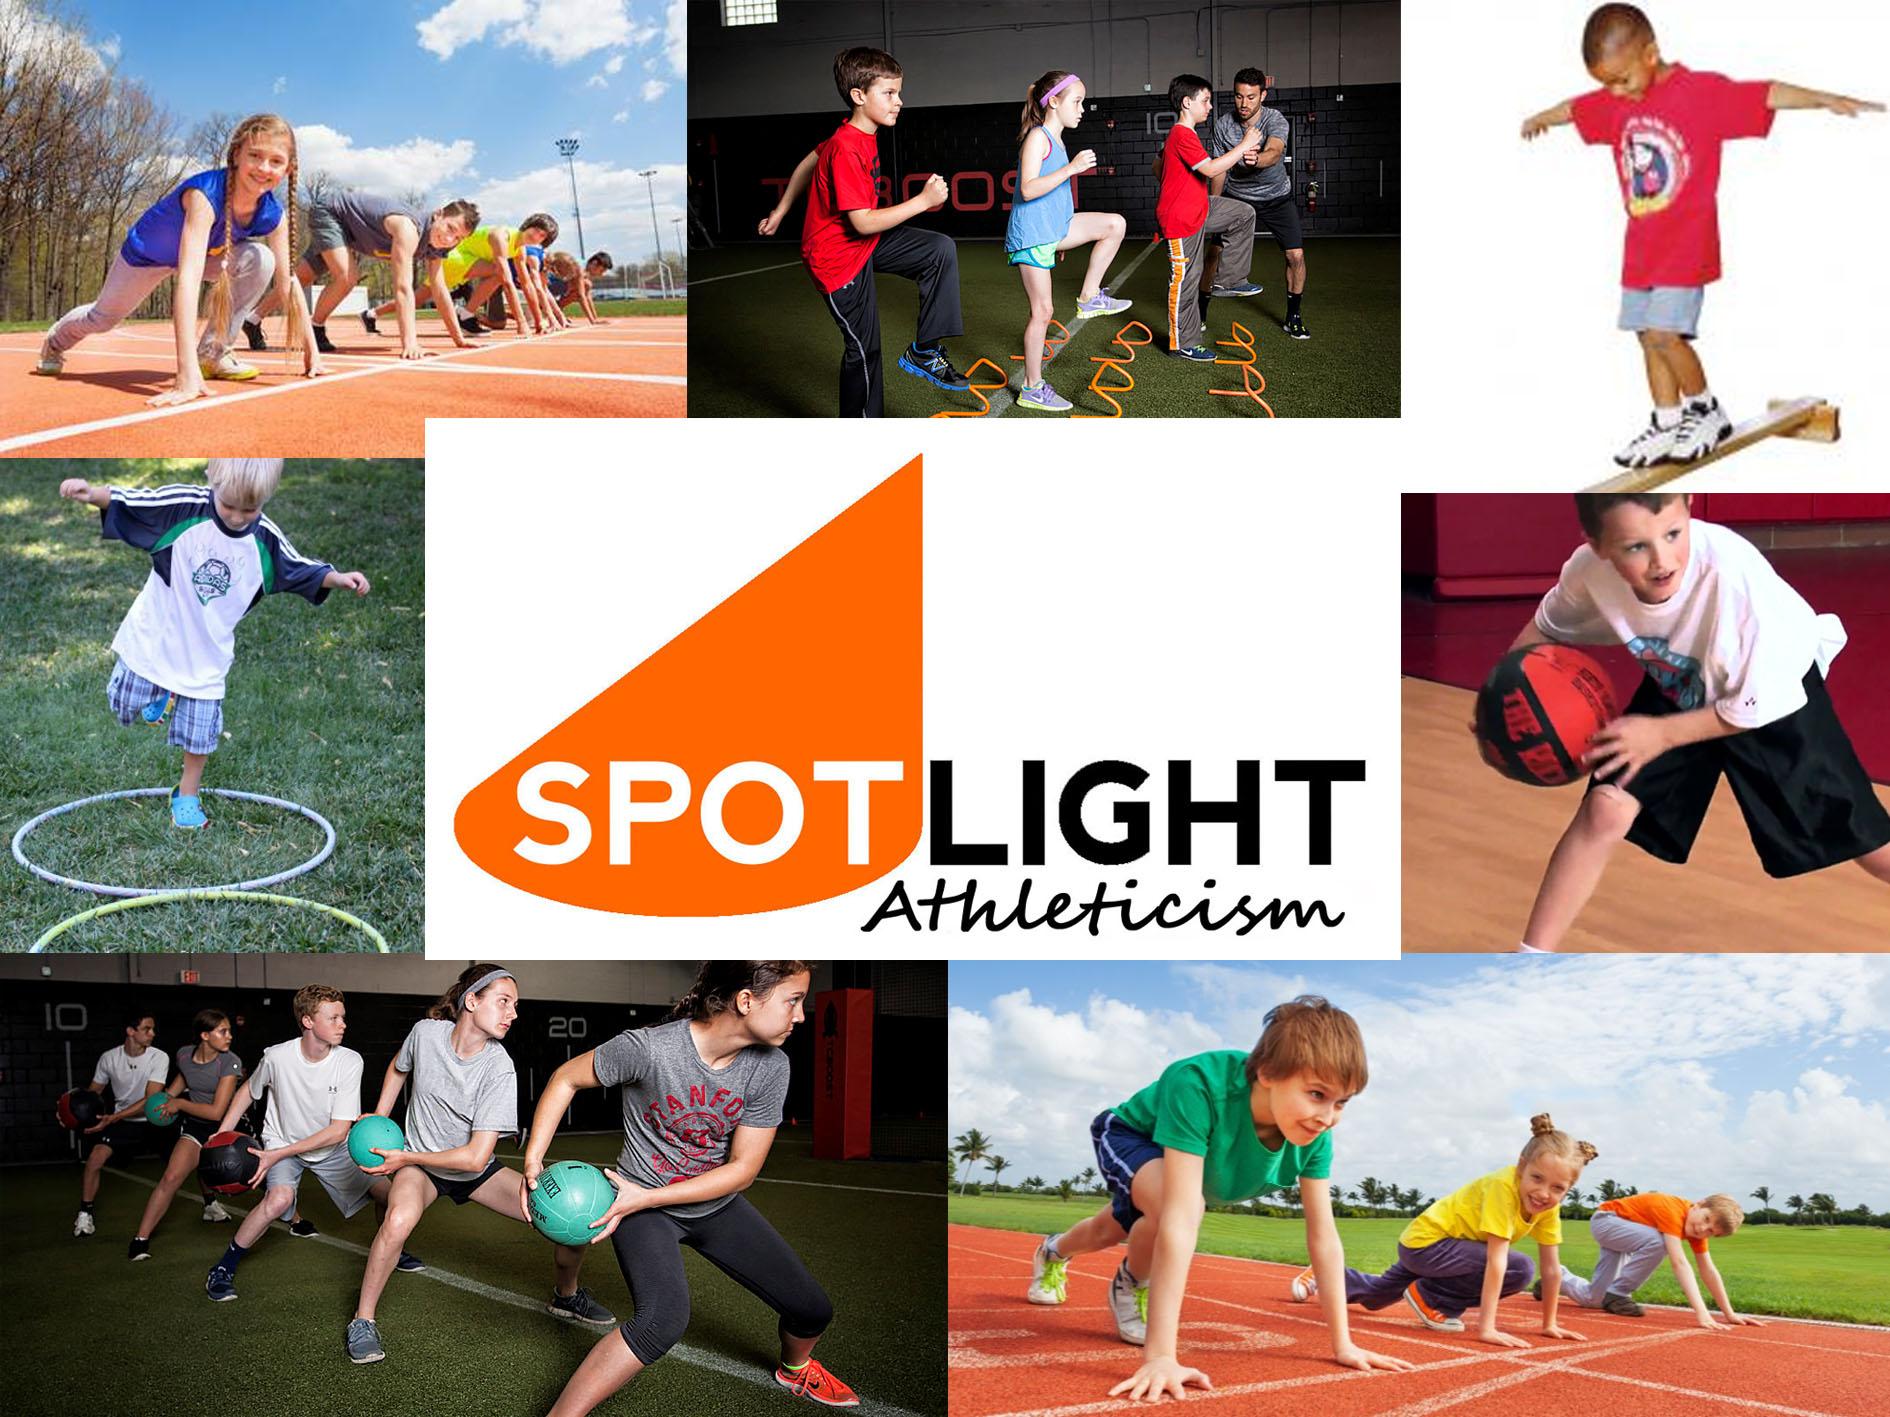 Child Athleticism Collage.jpg